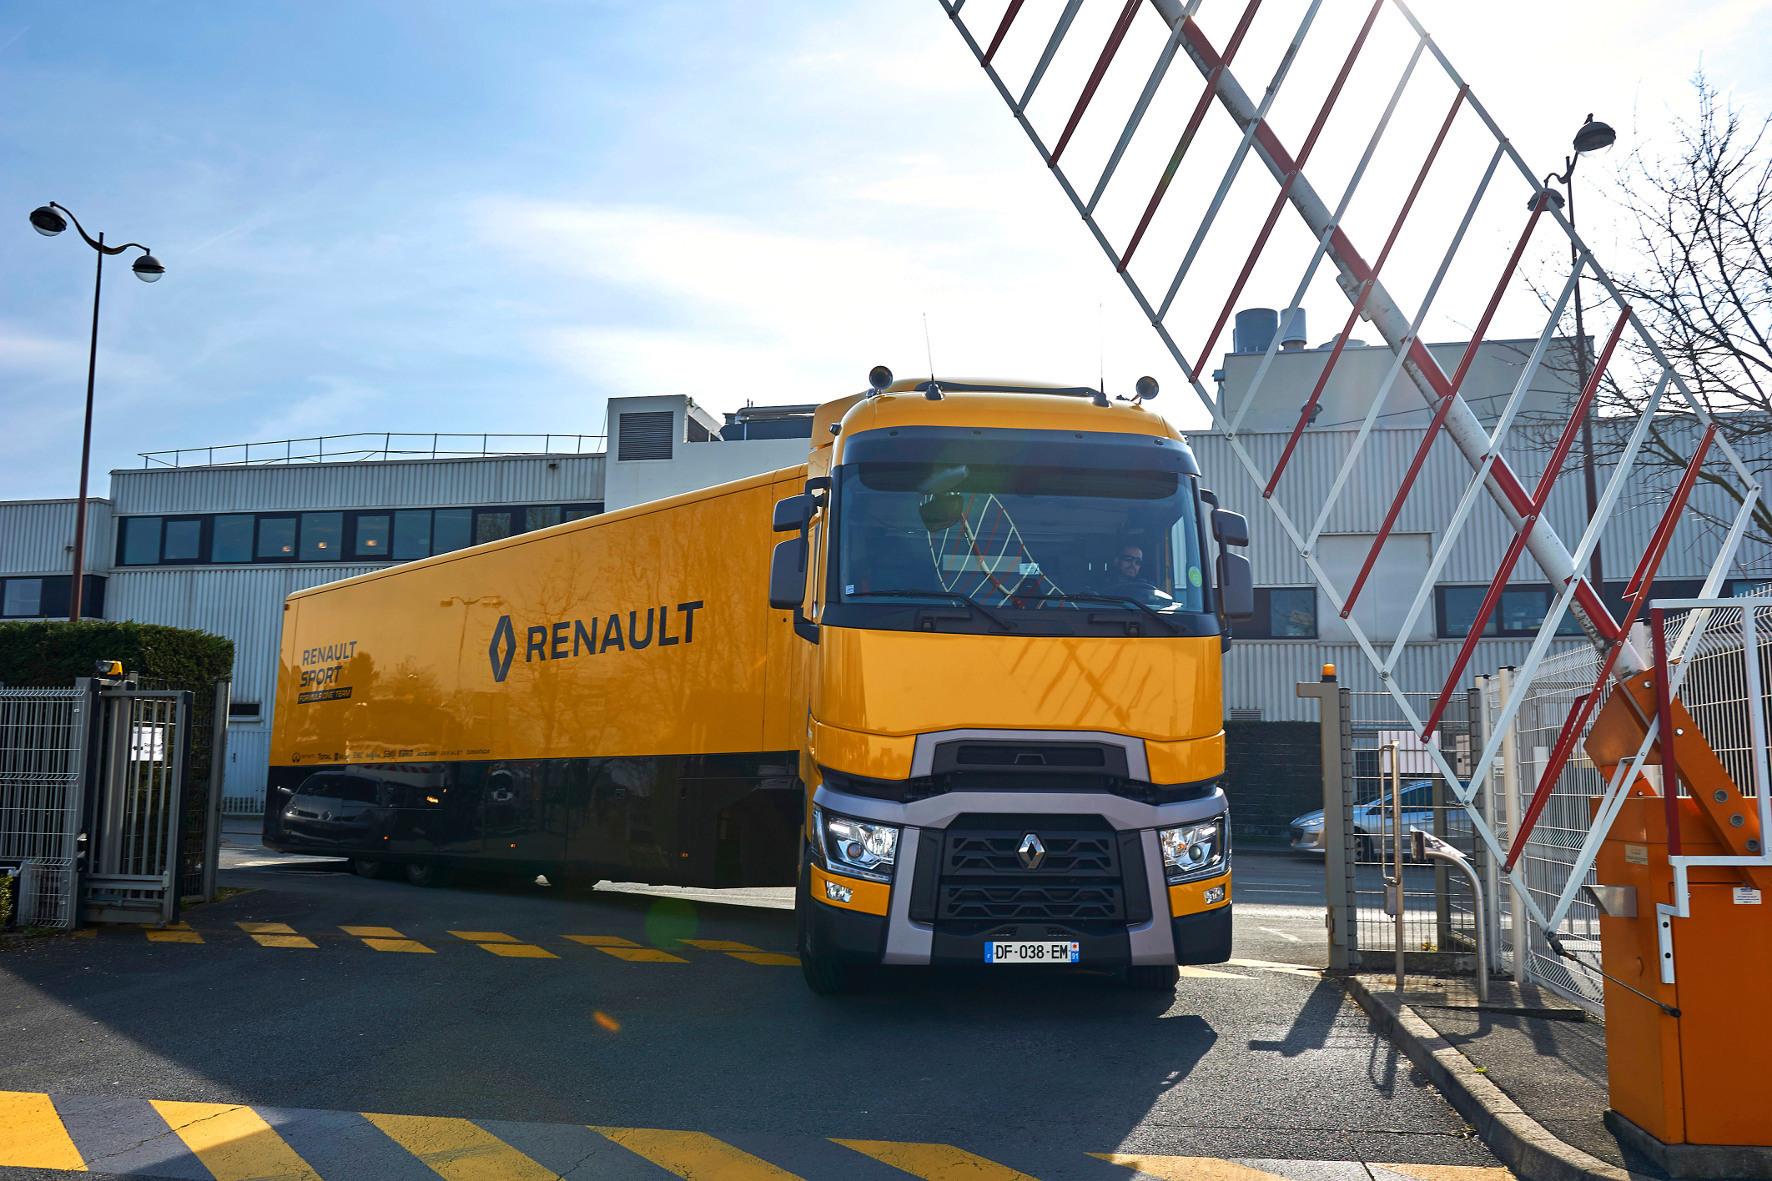 mid Groß-Gerau - Auf dem Weg nach Barcelona: Dieser gelbe Truck transportiert die kostbaren Formel-1-Boliden des Renault-Teams zum Europa-Auftakt nach Spanien.